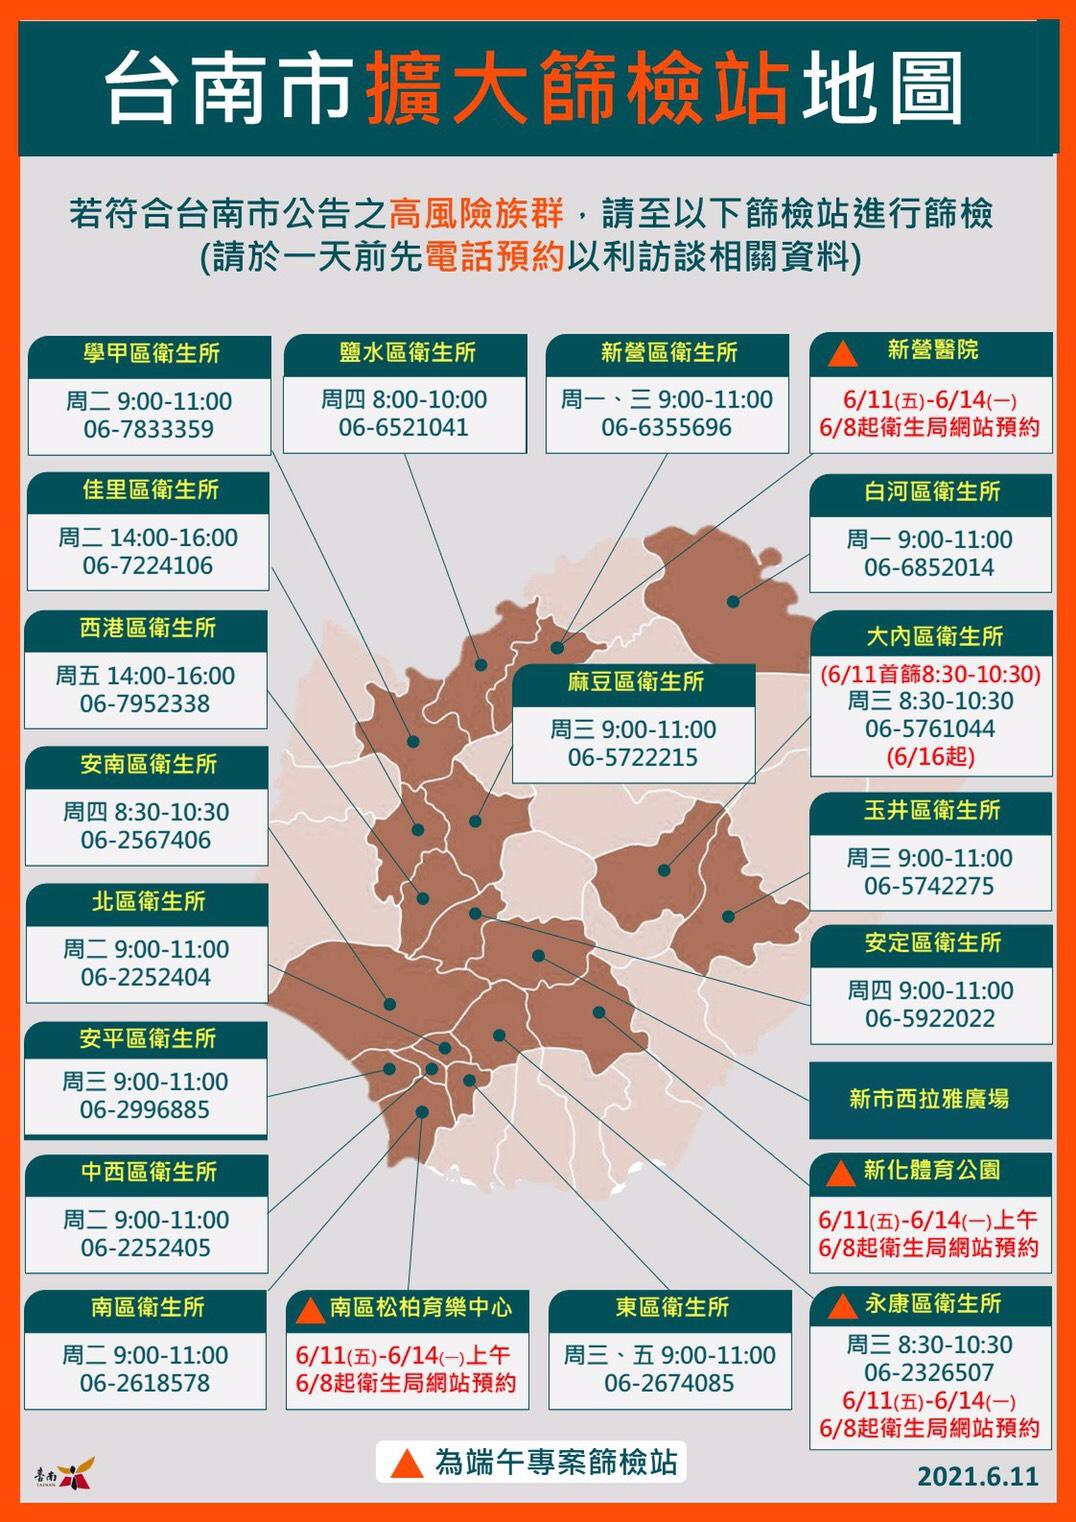 1100611臺南市擴大篩檢站地圖